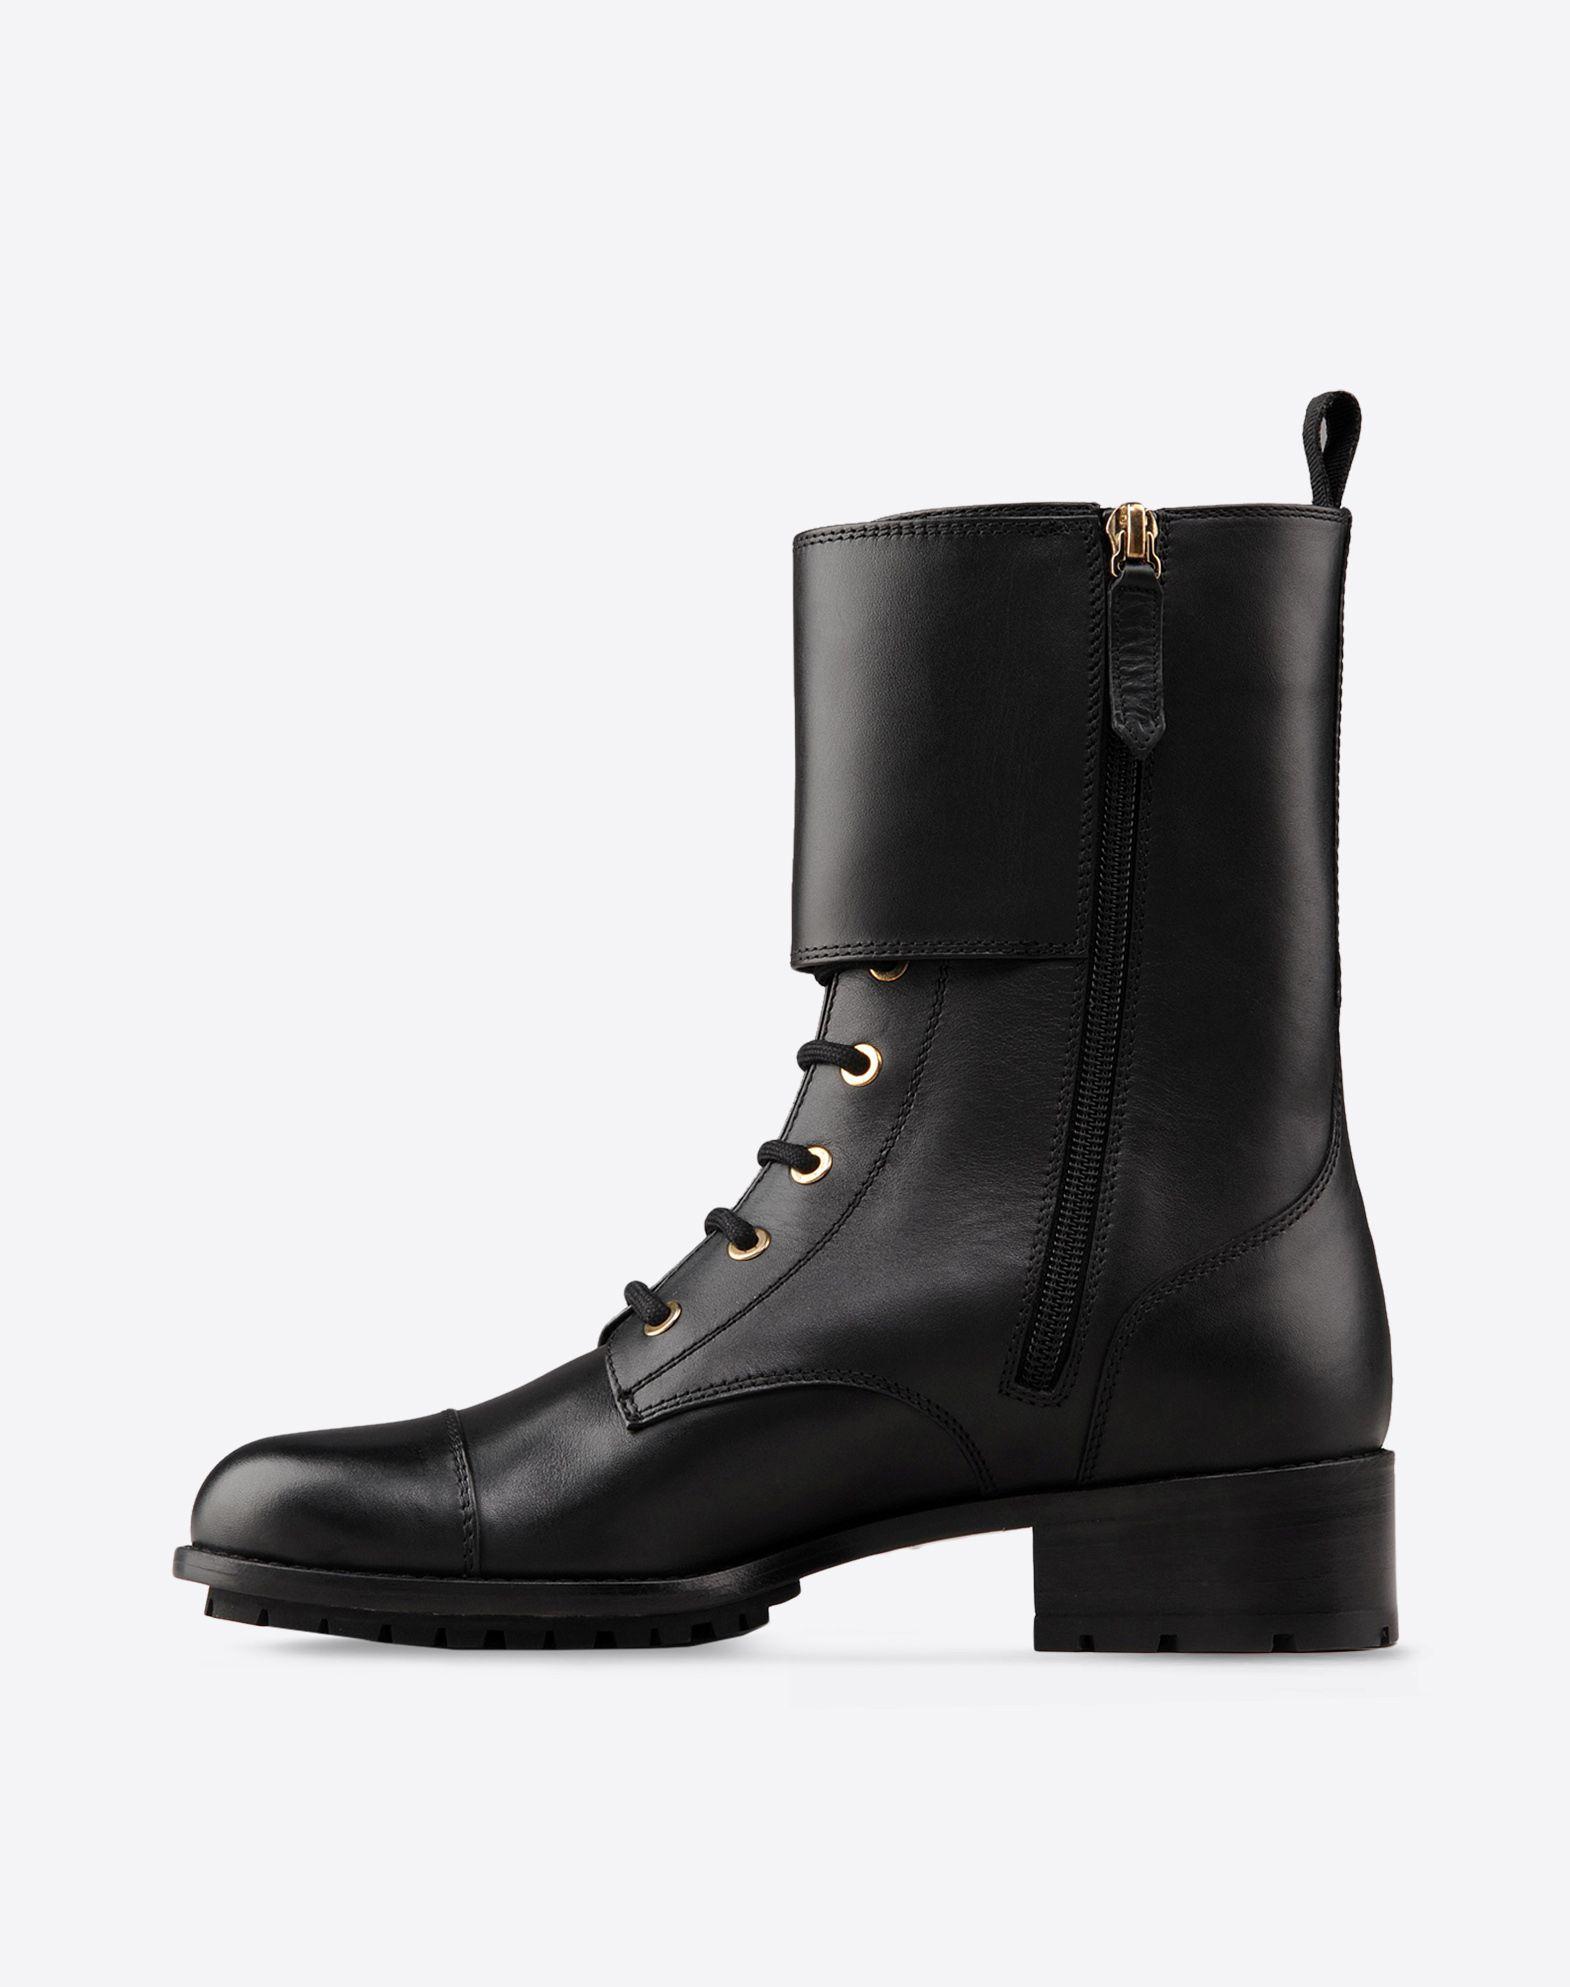 VALENTINO Lacing Solid color Zip closure Lug sole Round toeline Flat heel  44682189su